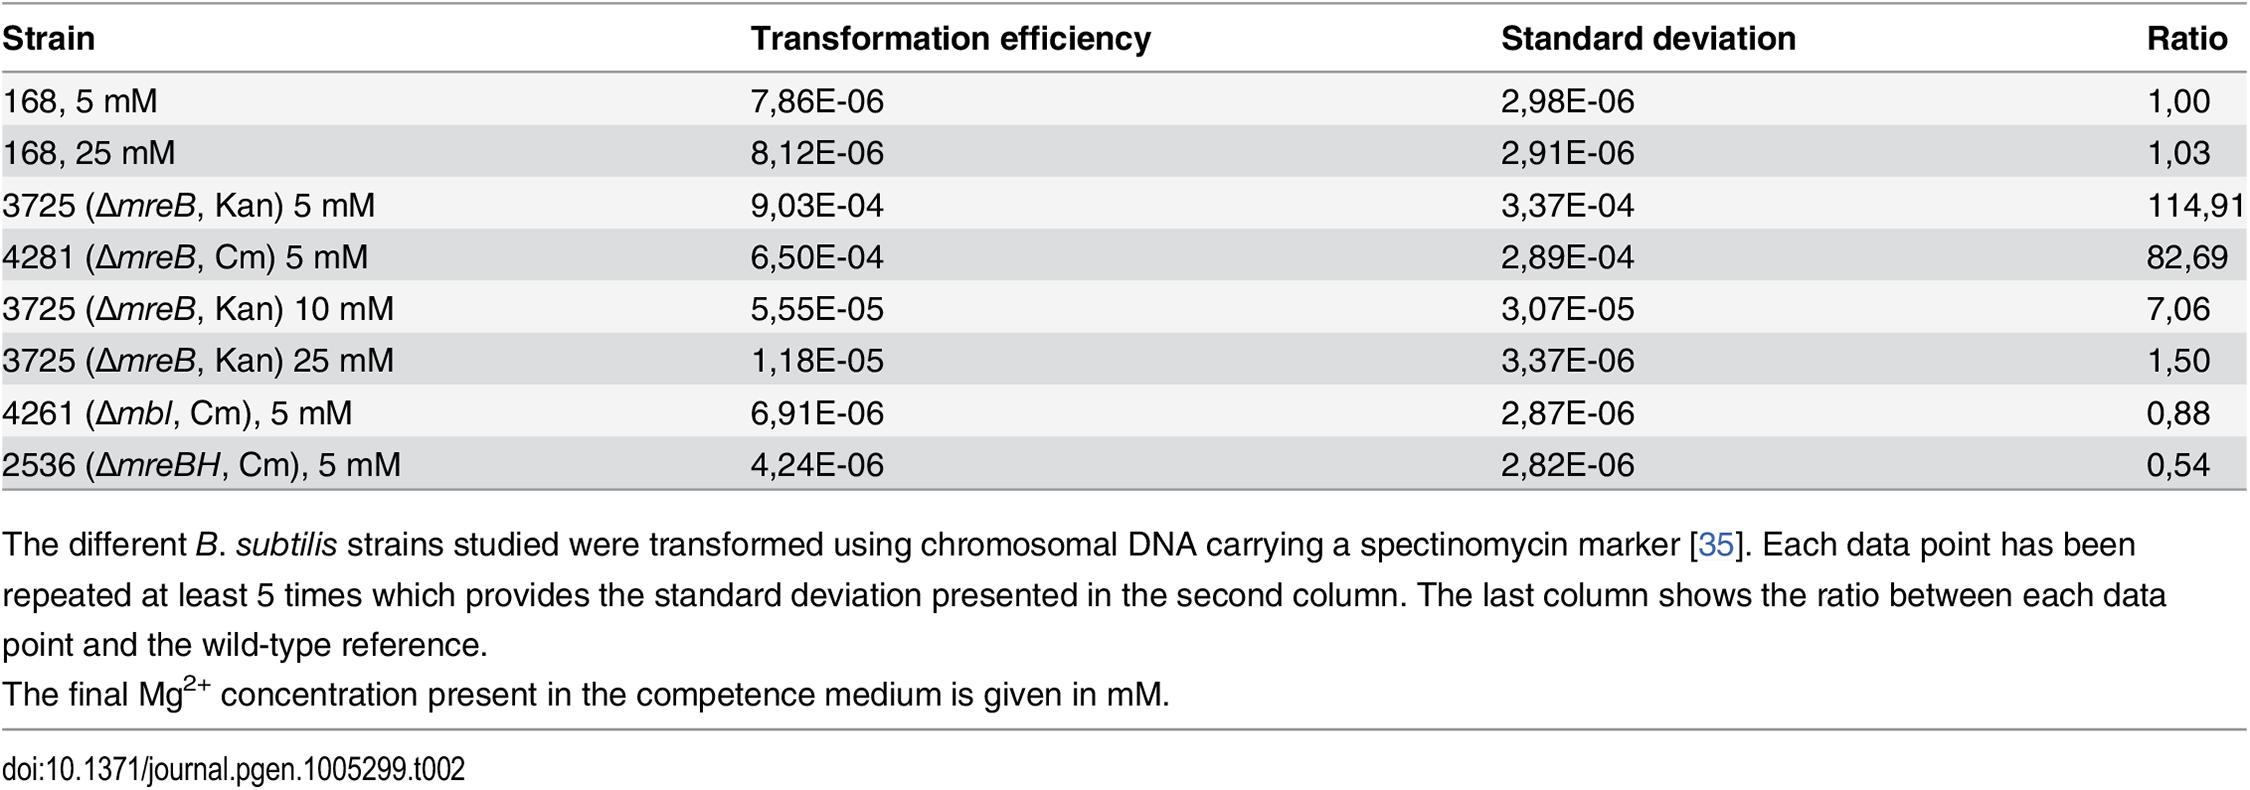 Transformation efficiencies.